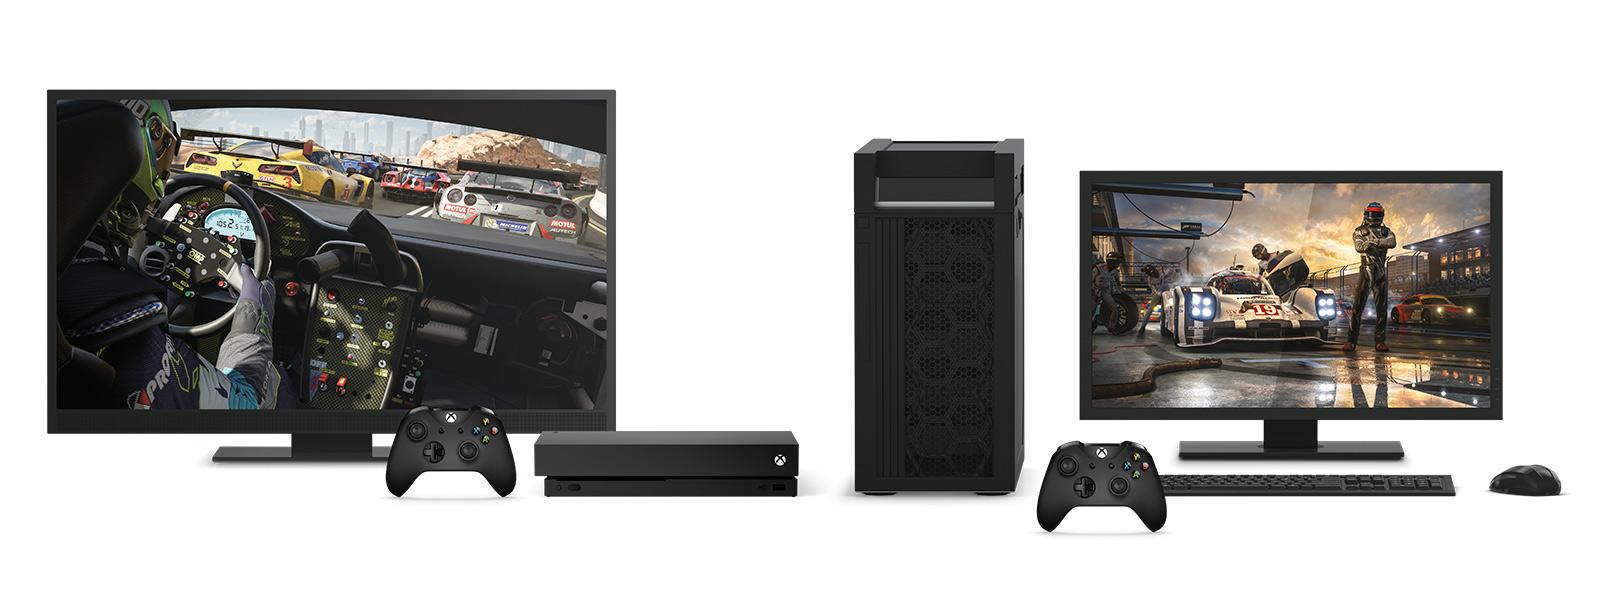 電視和電腦螢幕上顯示《極限競速 7》的 Xbox One X 和 4K 桌上型電腦裝置